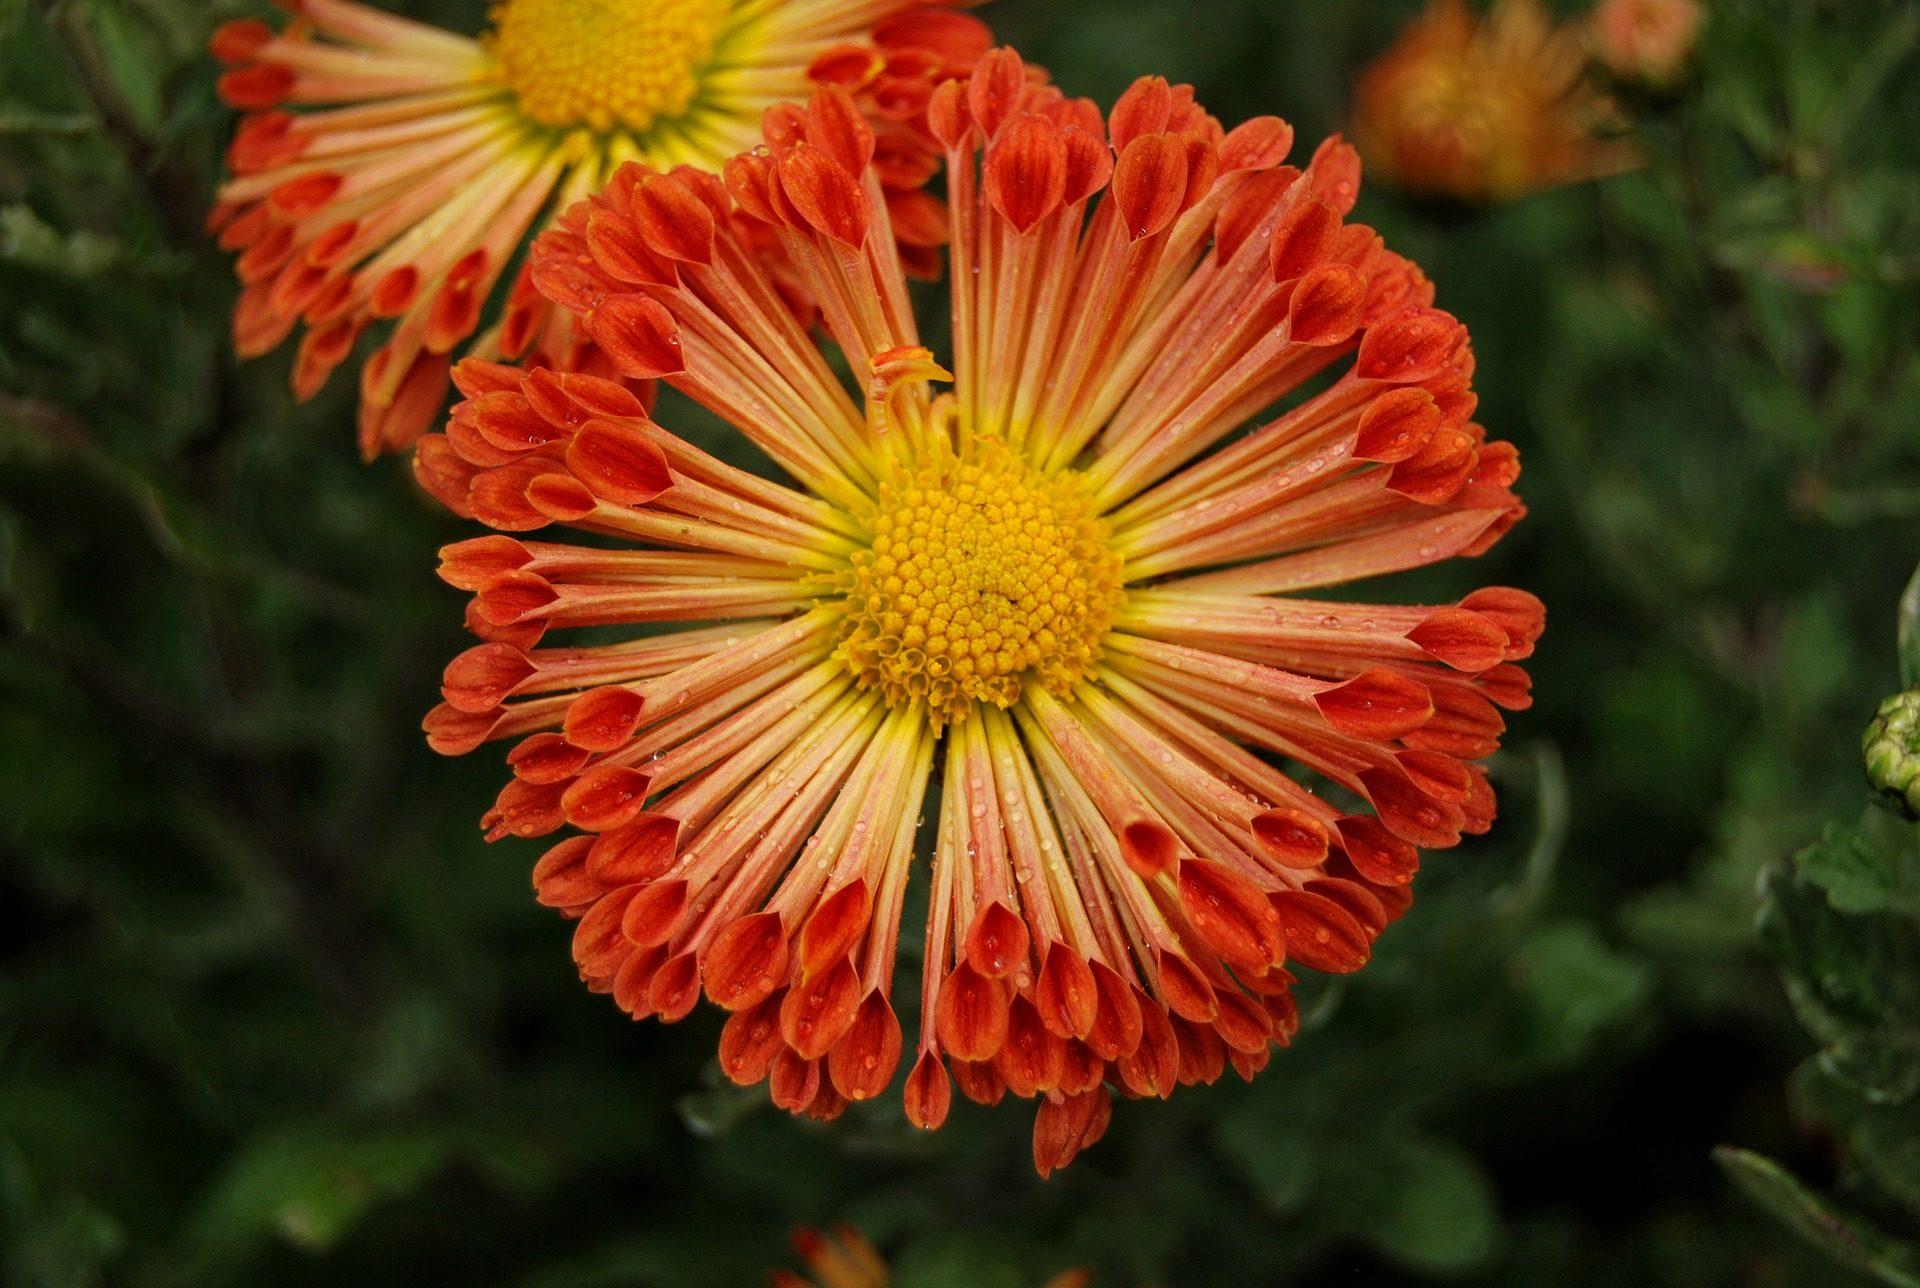 Blume, Chrysantheme, Blütenblätter, Staubblätter, Stempel, über - Wallpaper HD - Prof.-falken.com